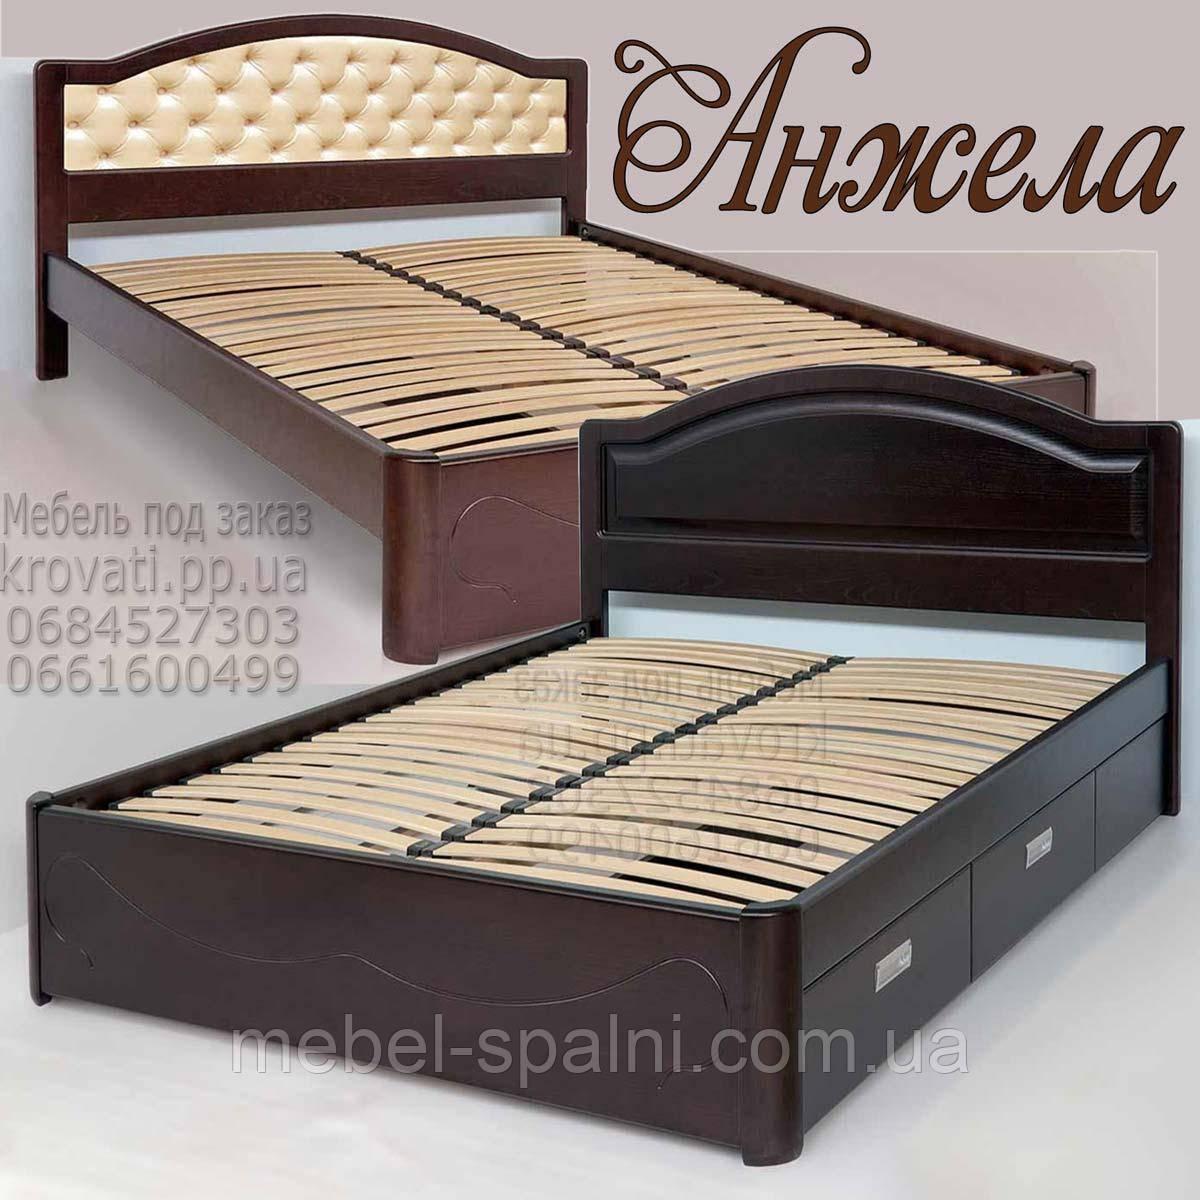 Кровать двуспальная «Анжела»